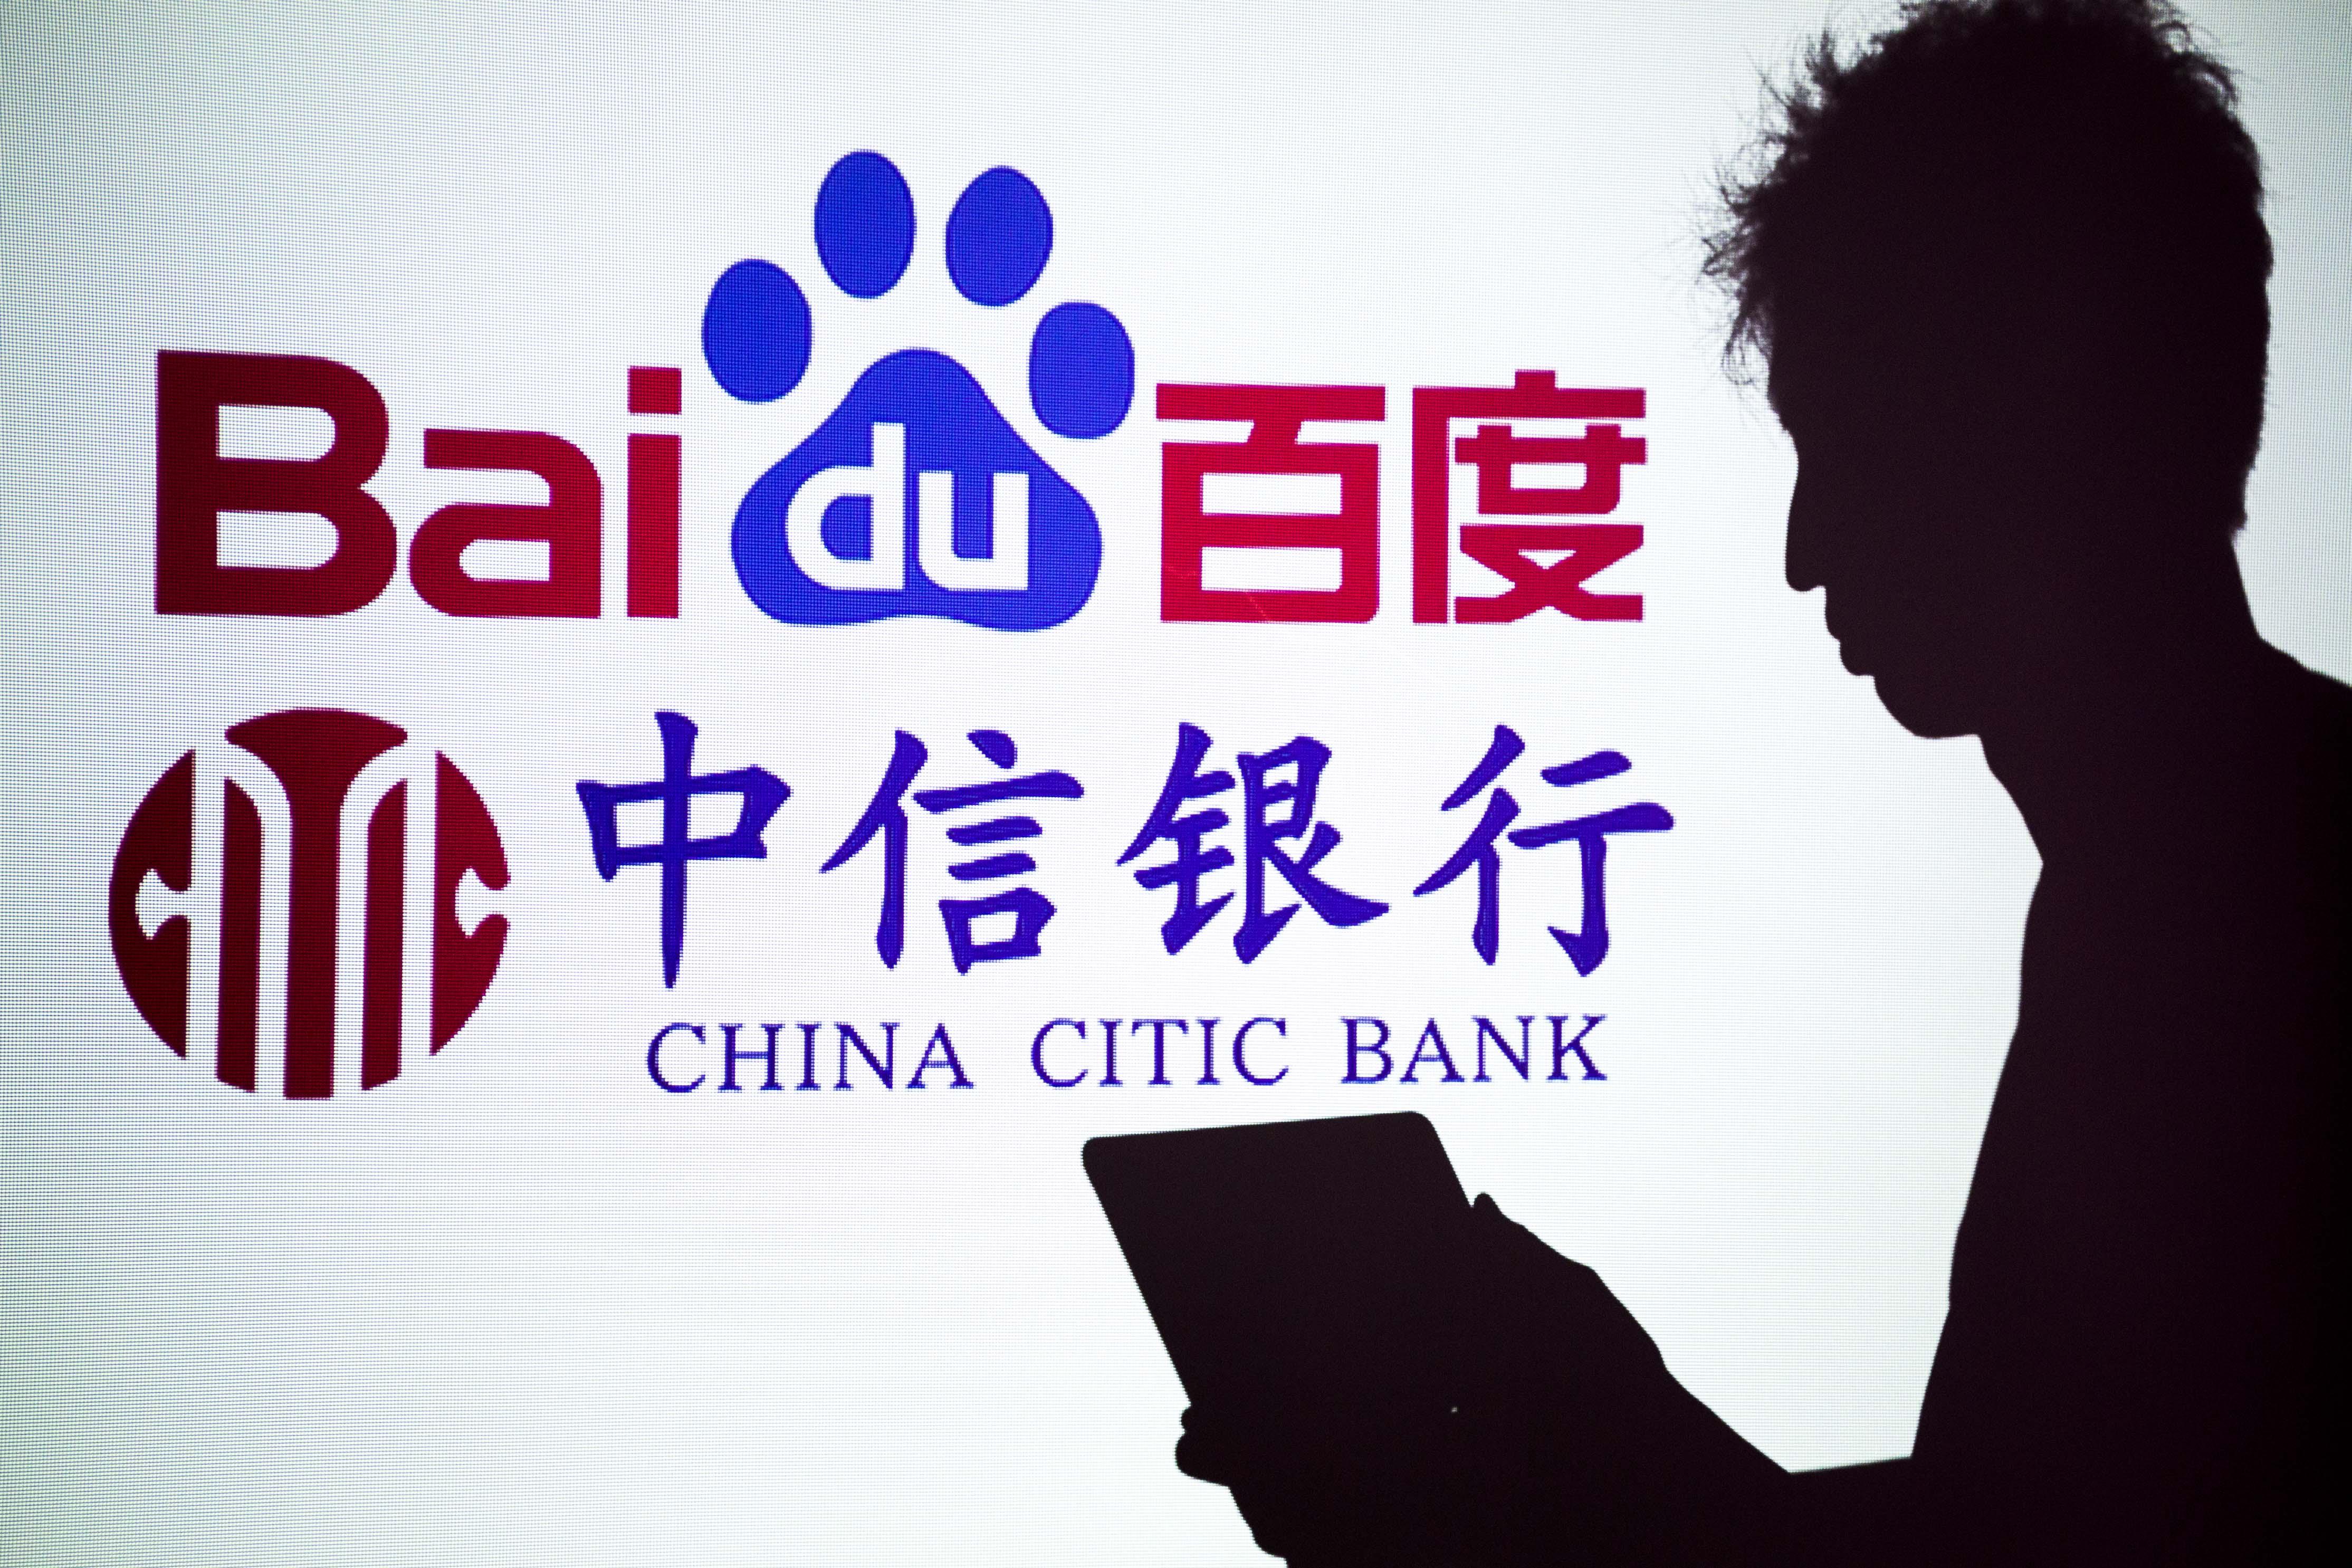 中國互聯網巨頭百度將與中信銀行聯合成立名為「百信銀行股份有限公司」的直銷銀行。端傳媒攝影部/設計圖片